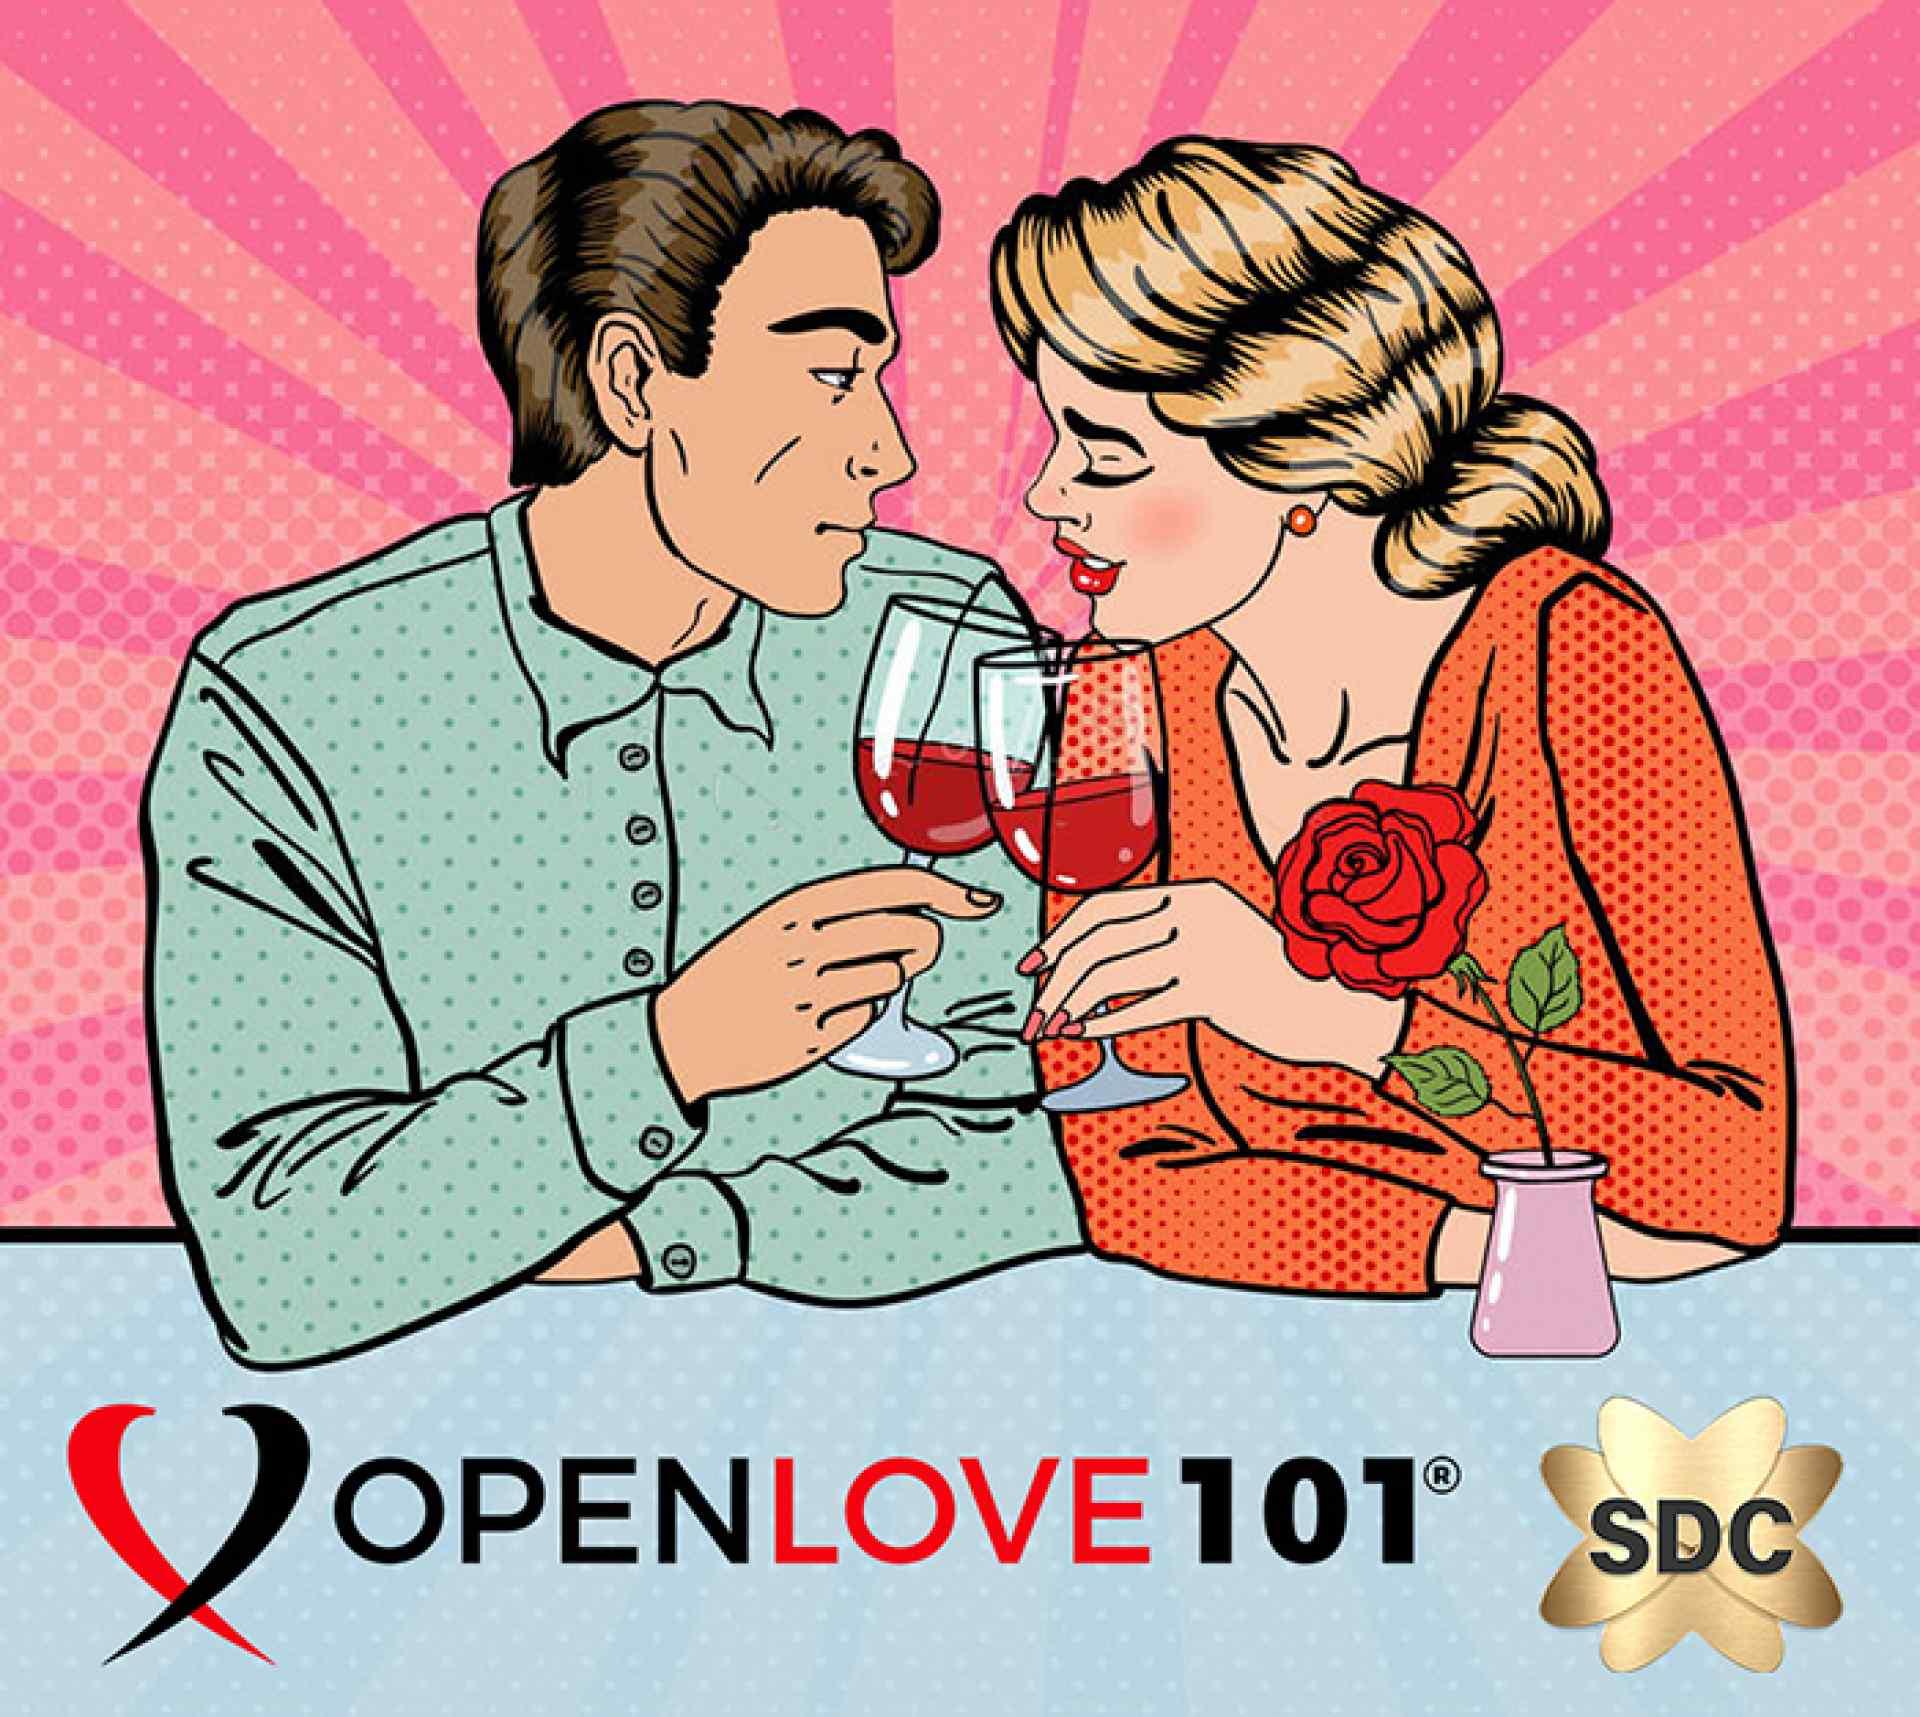 Openlove 101 SDC Beginner Lifestyle Clubgids Drinken